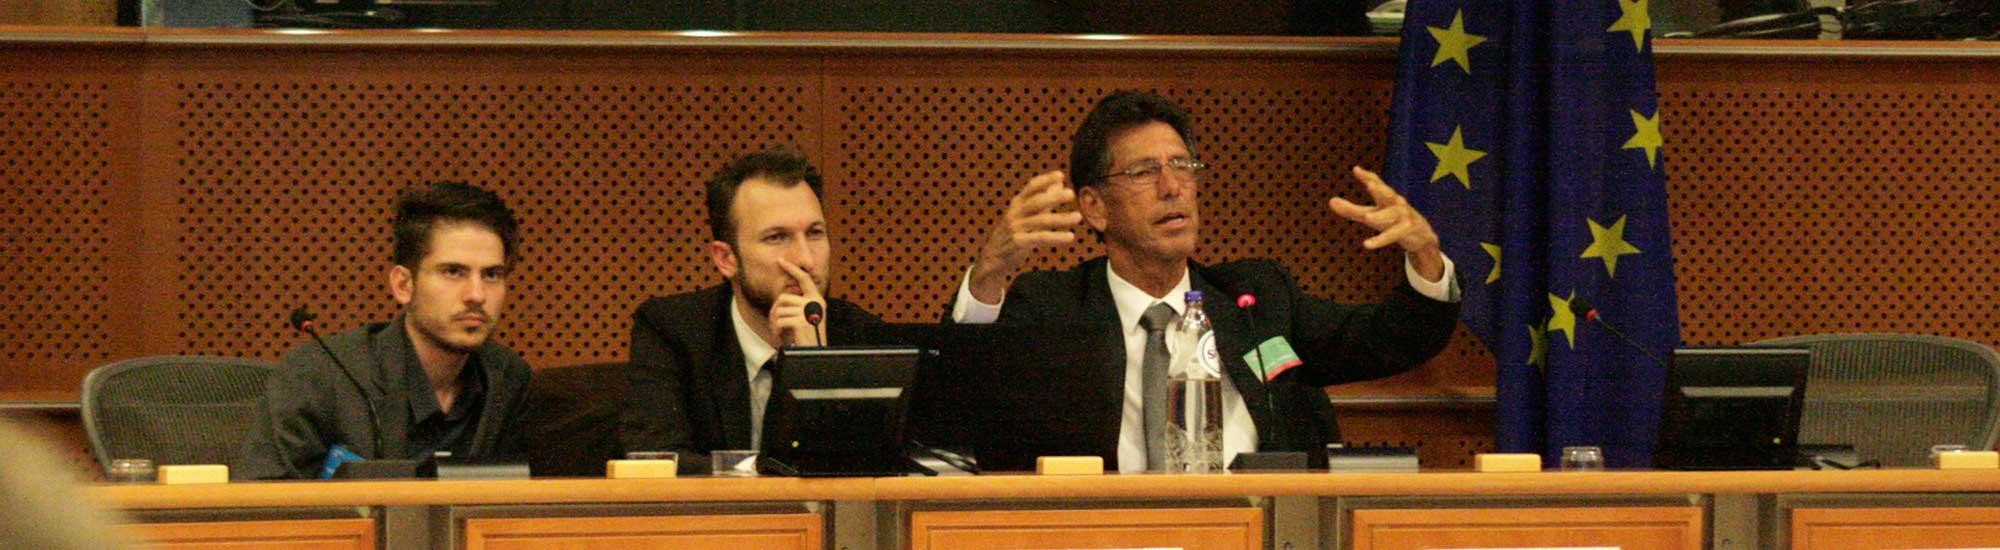 Intervista a Warren Mosler al Parlamento Europeo